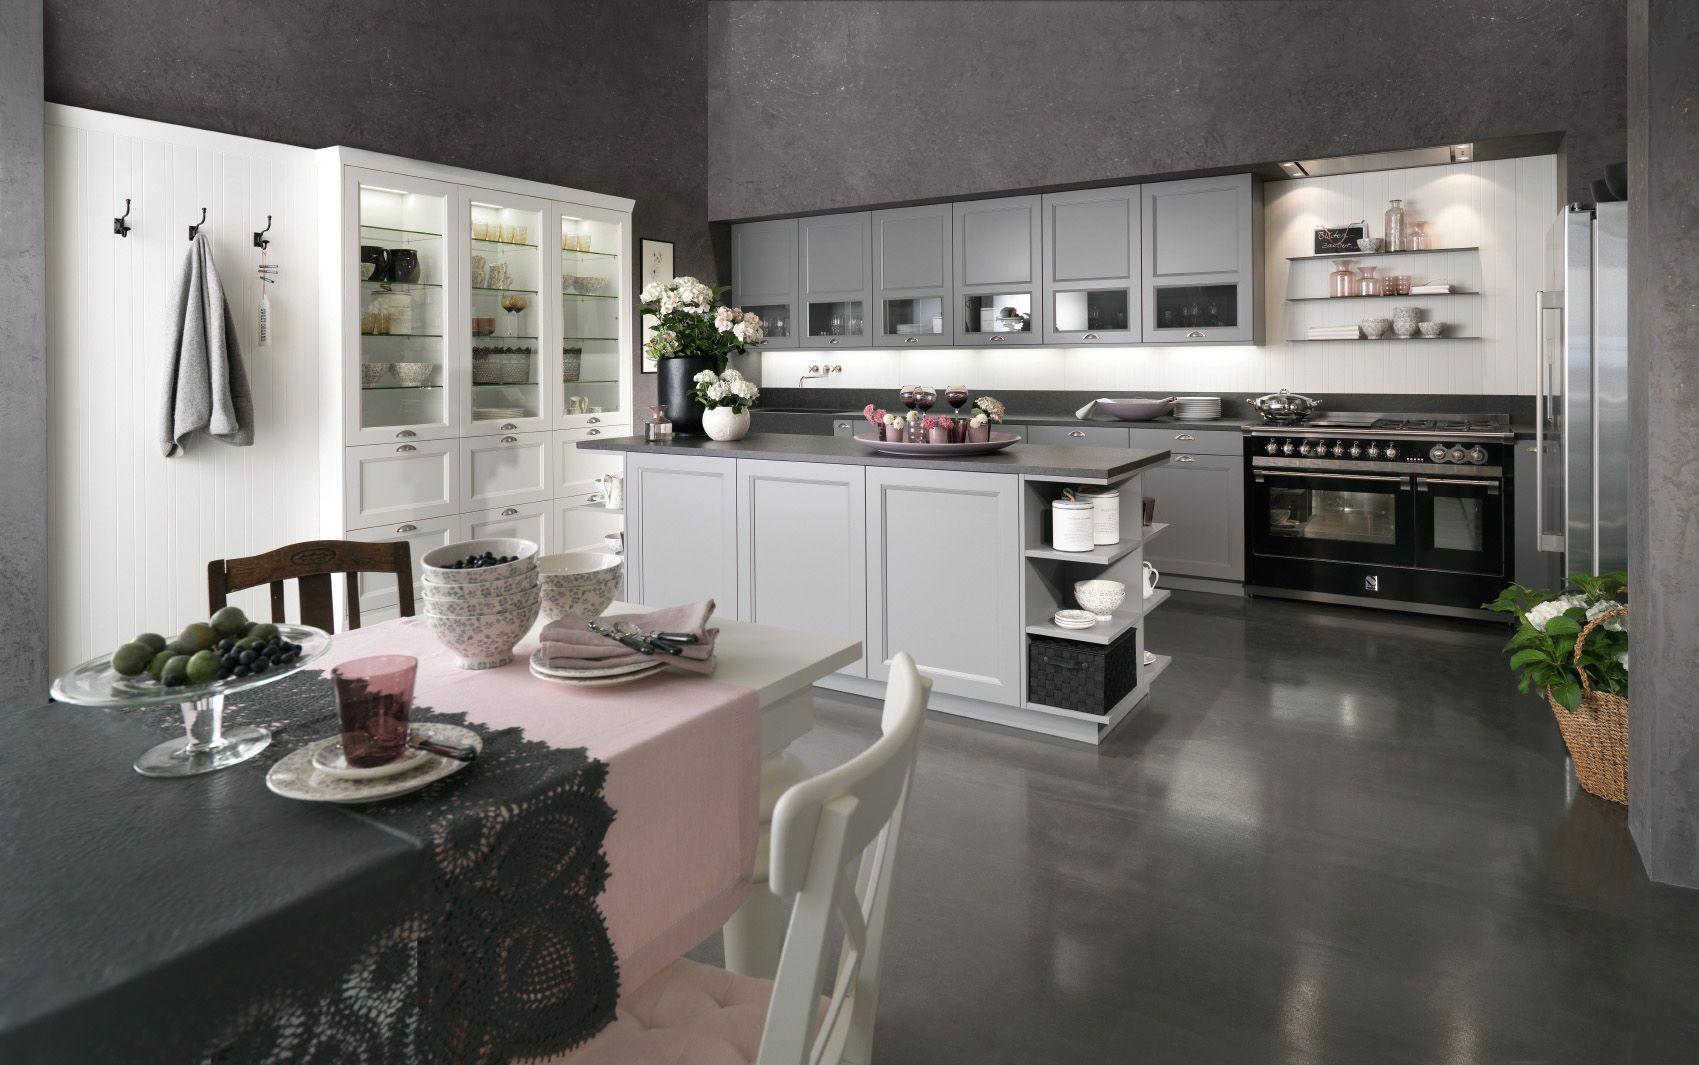 Küche | Landhausstil | offene Wohnküche | Mattlack | Kücheninsel ... | {Kücheninsel landhausstil modern 27}